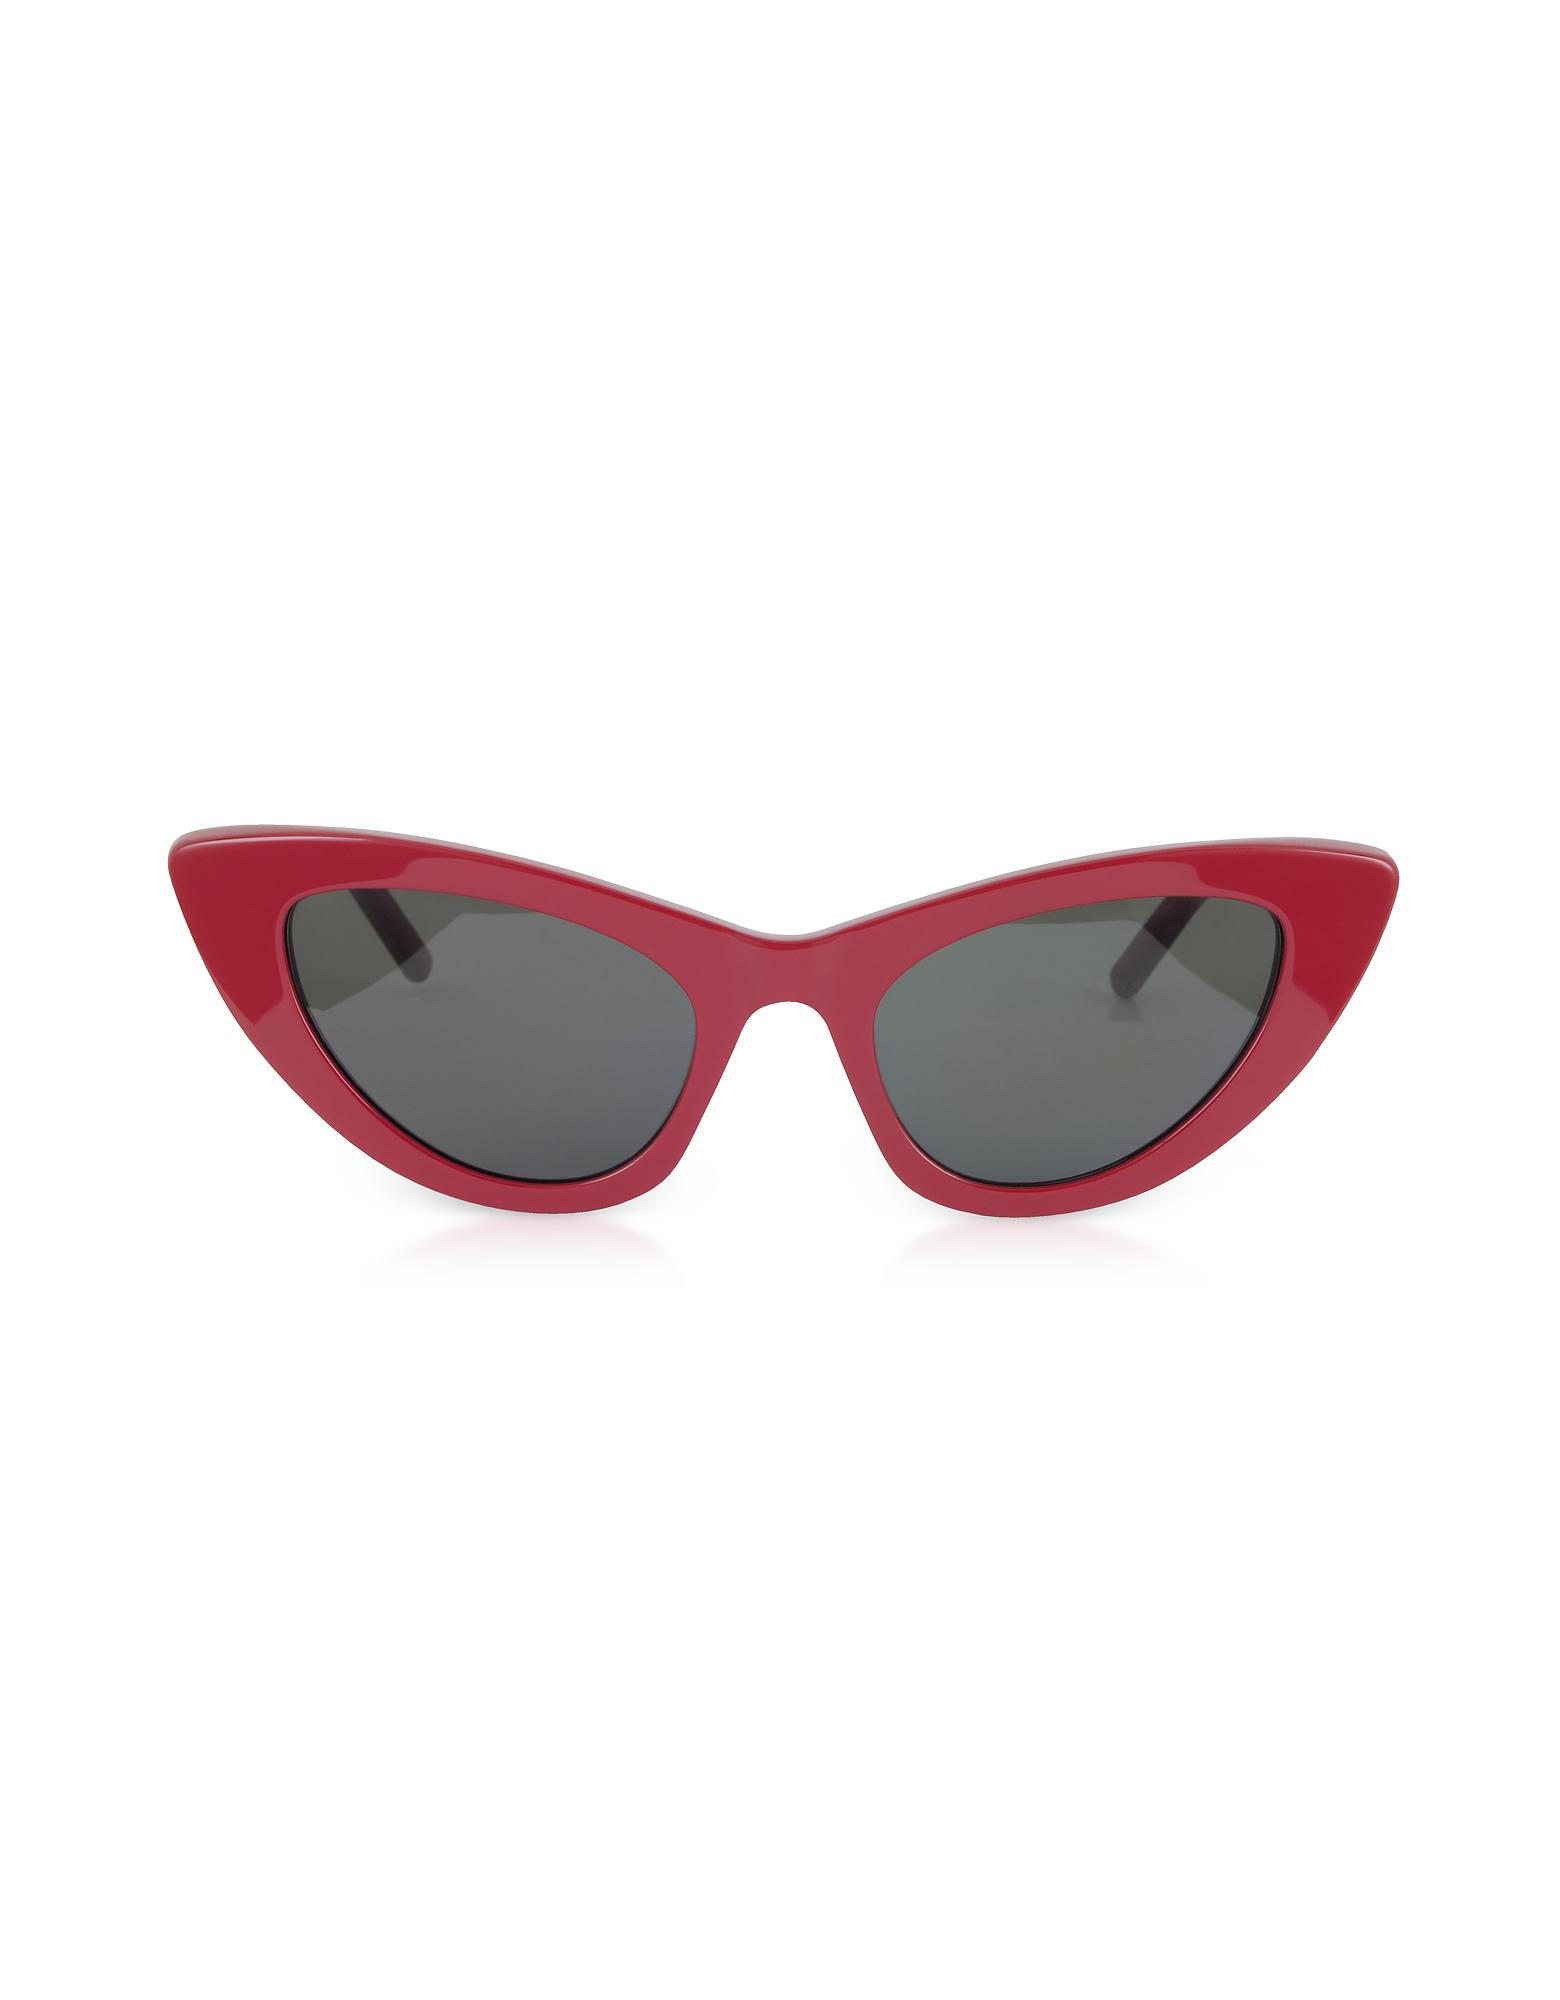 Saint Laurent Sunglasses, 213 LILY Cat-Eye Sunglasses